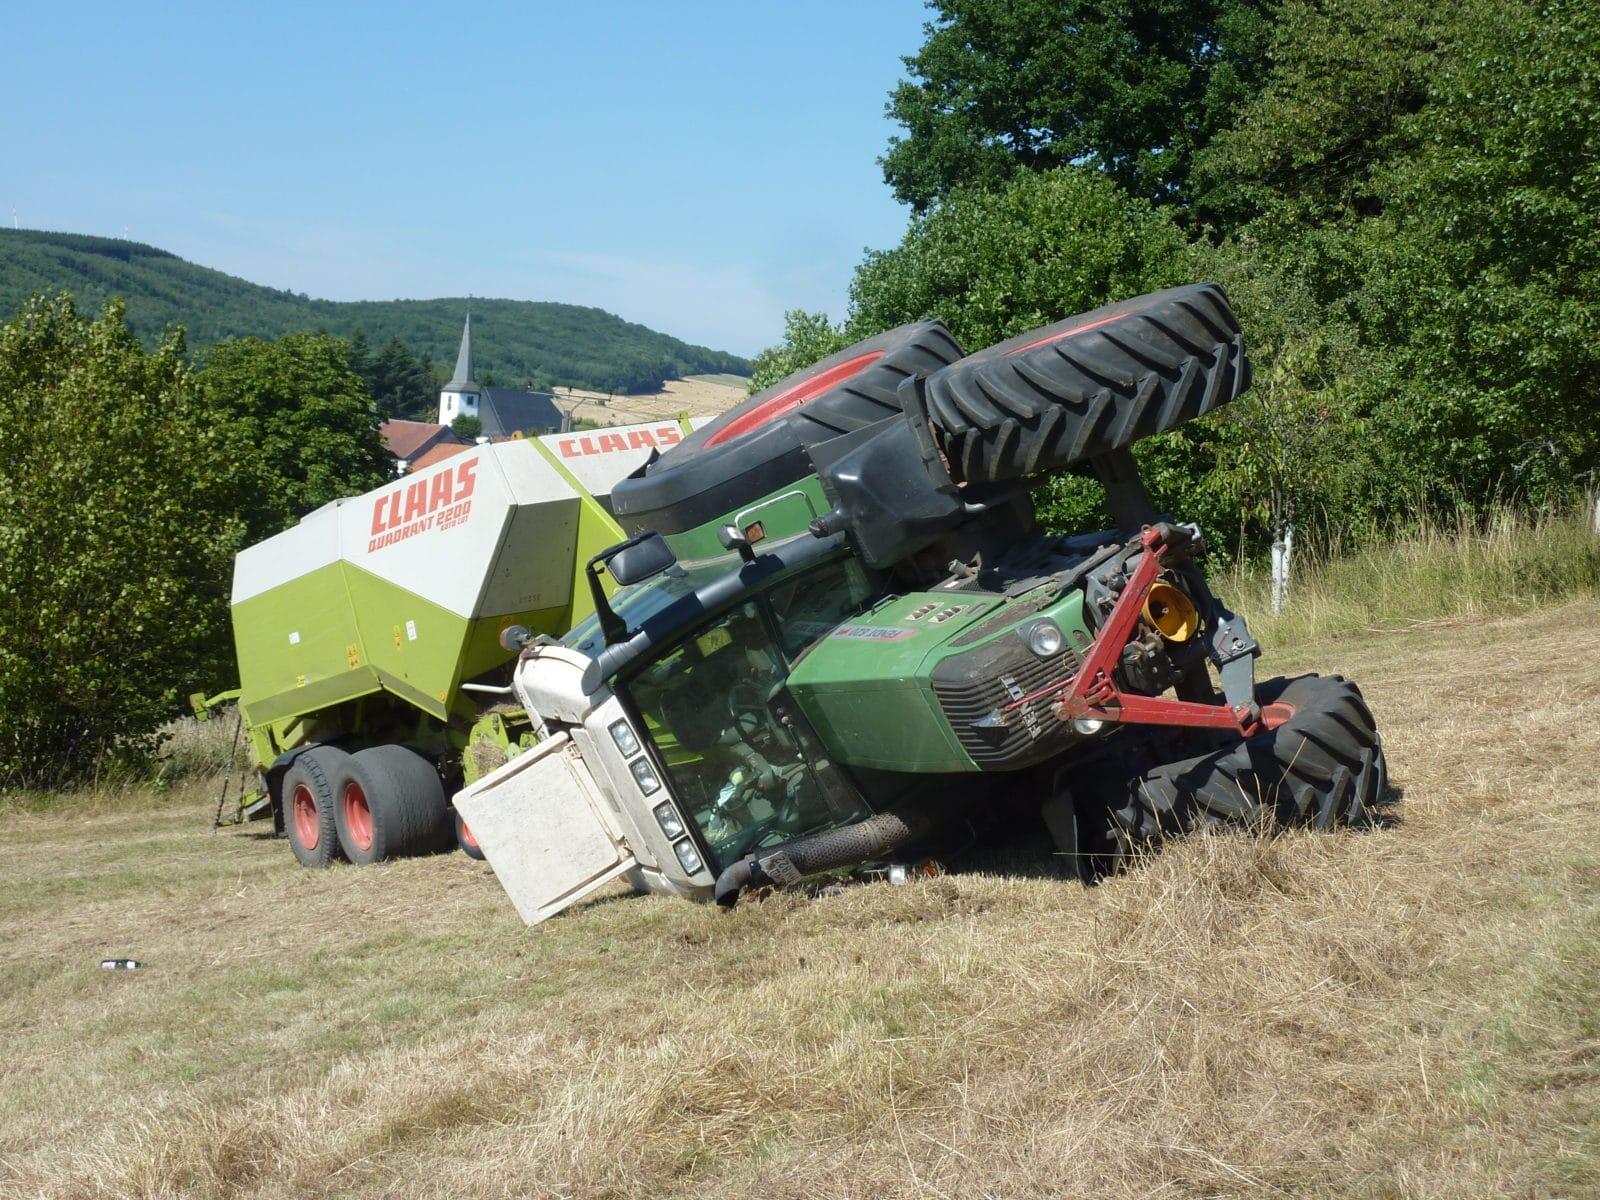 Traktor Sötern 03.08.2015